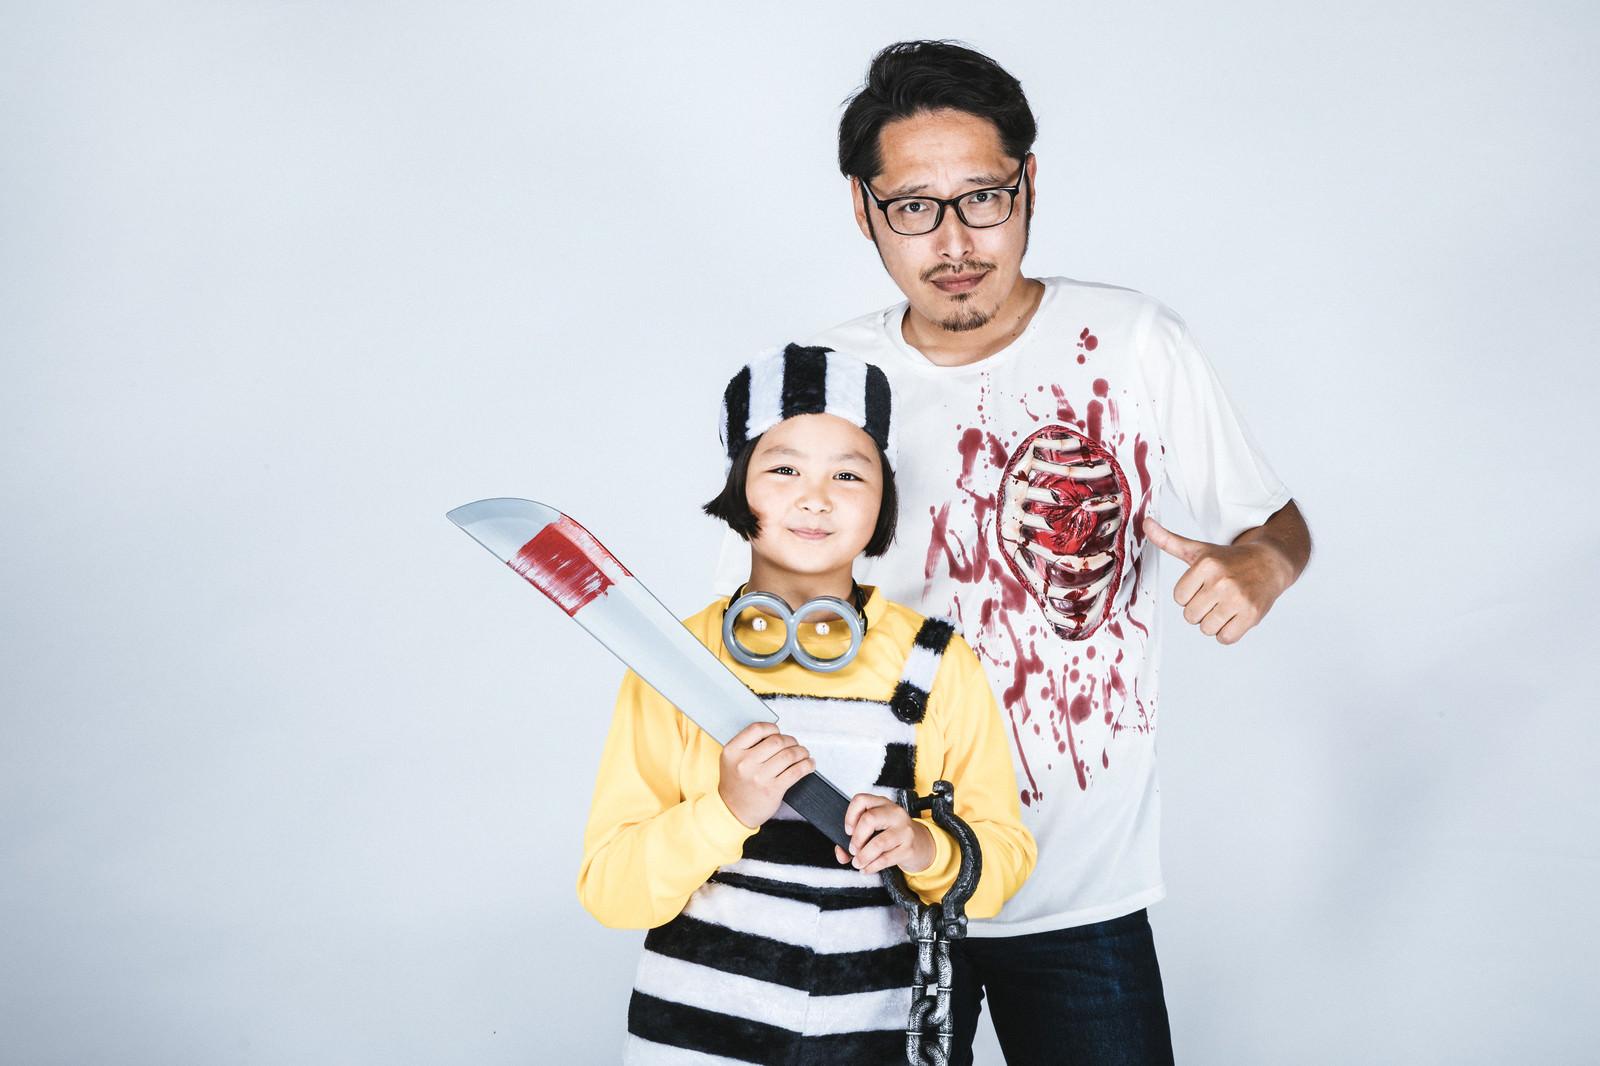 「ハロウィン仮装する親子」の写真[モデル:ゆうせい ゆうき]